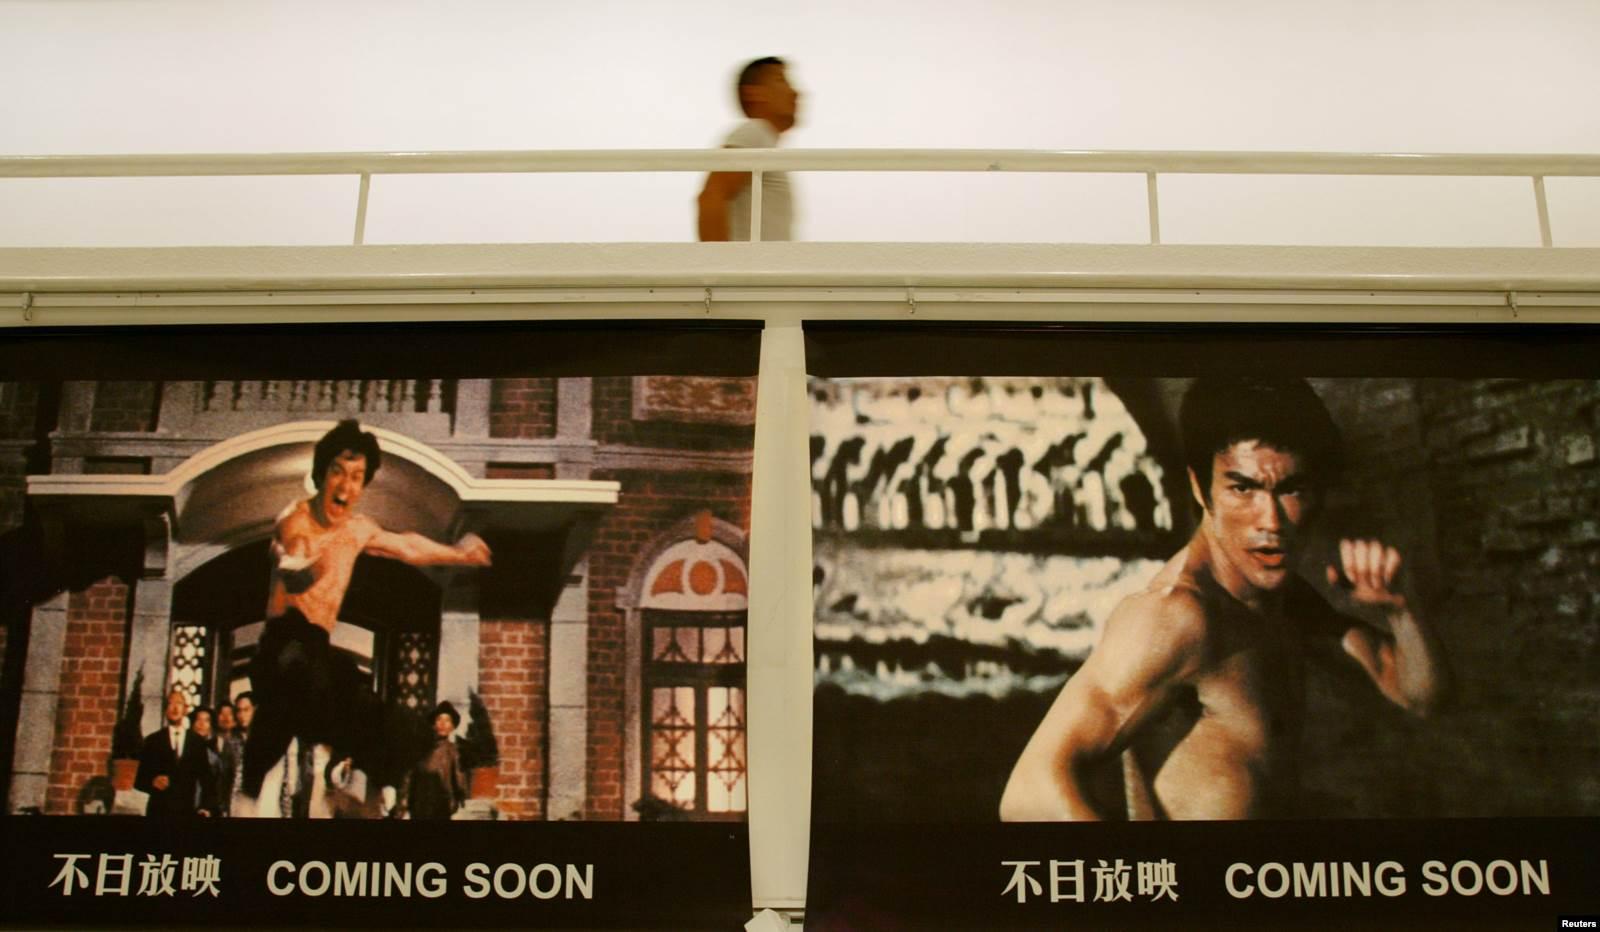 Брюс Ли умер в 1973 году, но культовые фильмы с его участием в СССР смотрели и в 80-х, и в 90-х. Сложно представить себе раздевалку клуба карате без постера с Брюсом Ли. (На фото: анонс открытия выставки в Гонконге к 30-й годовщине смерти актера)